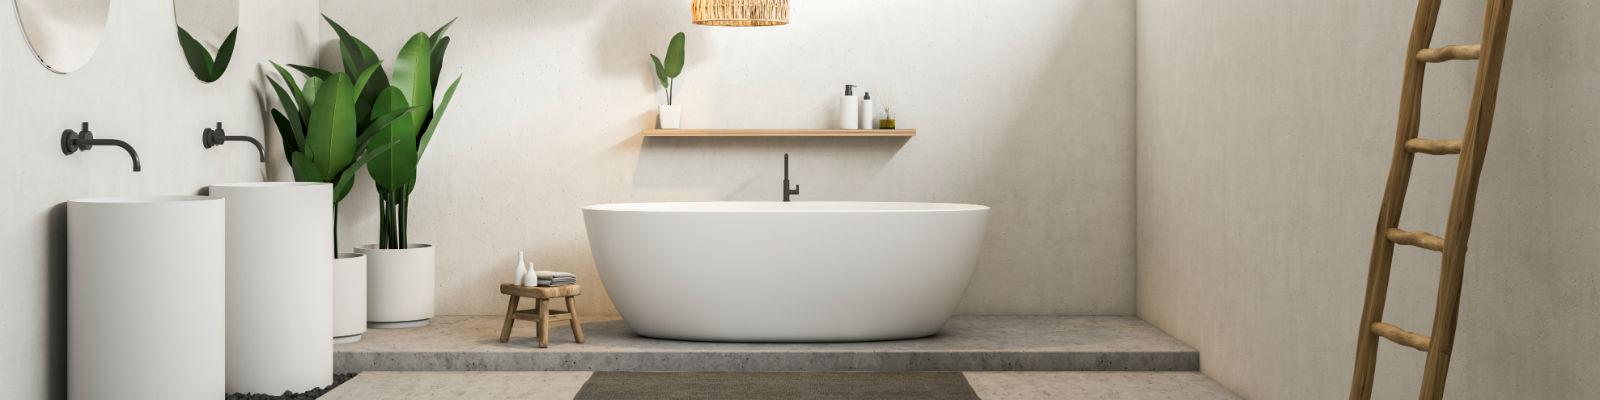 Modne Dodatki Do łazienki Inspiracje Allegro